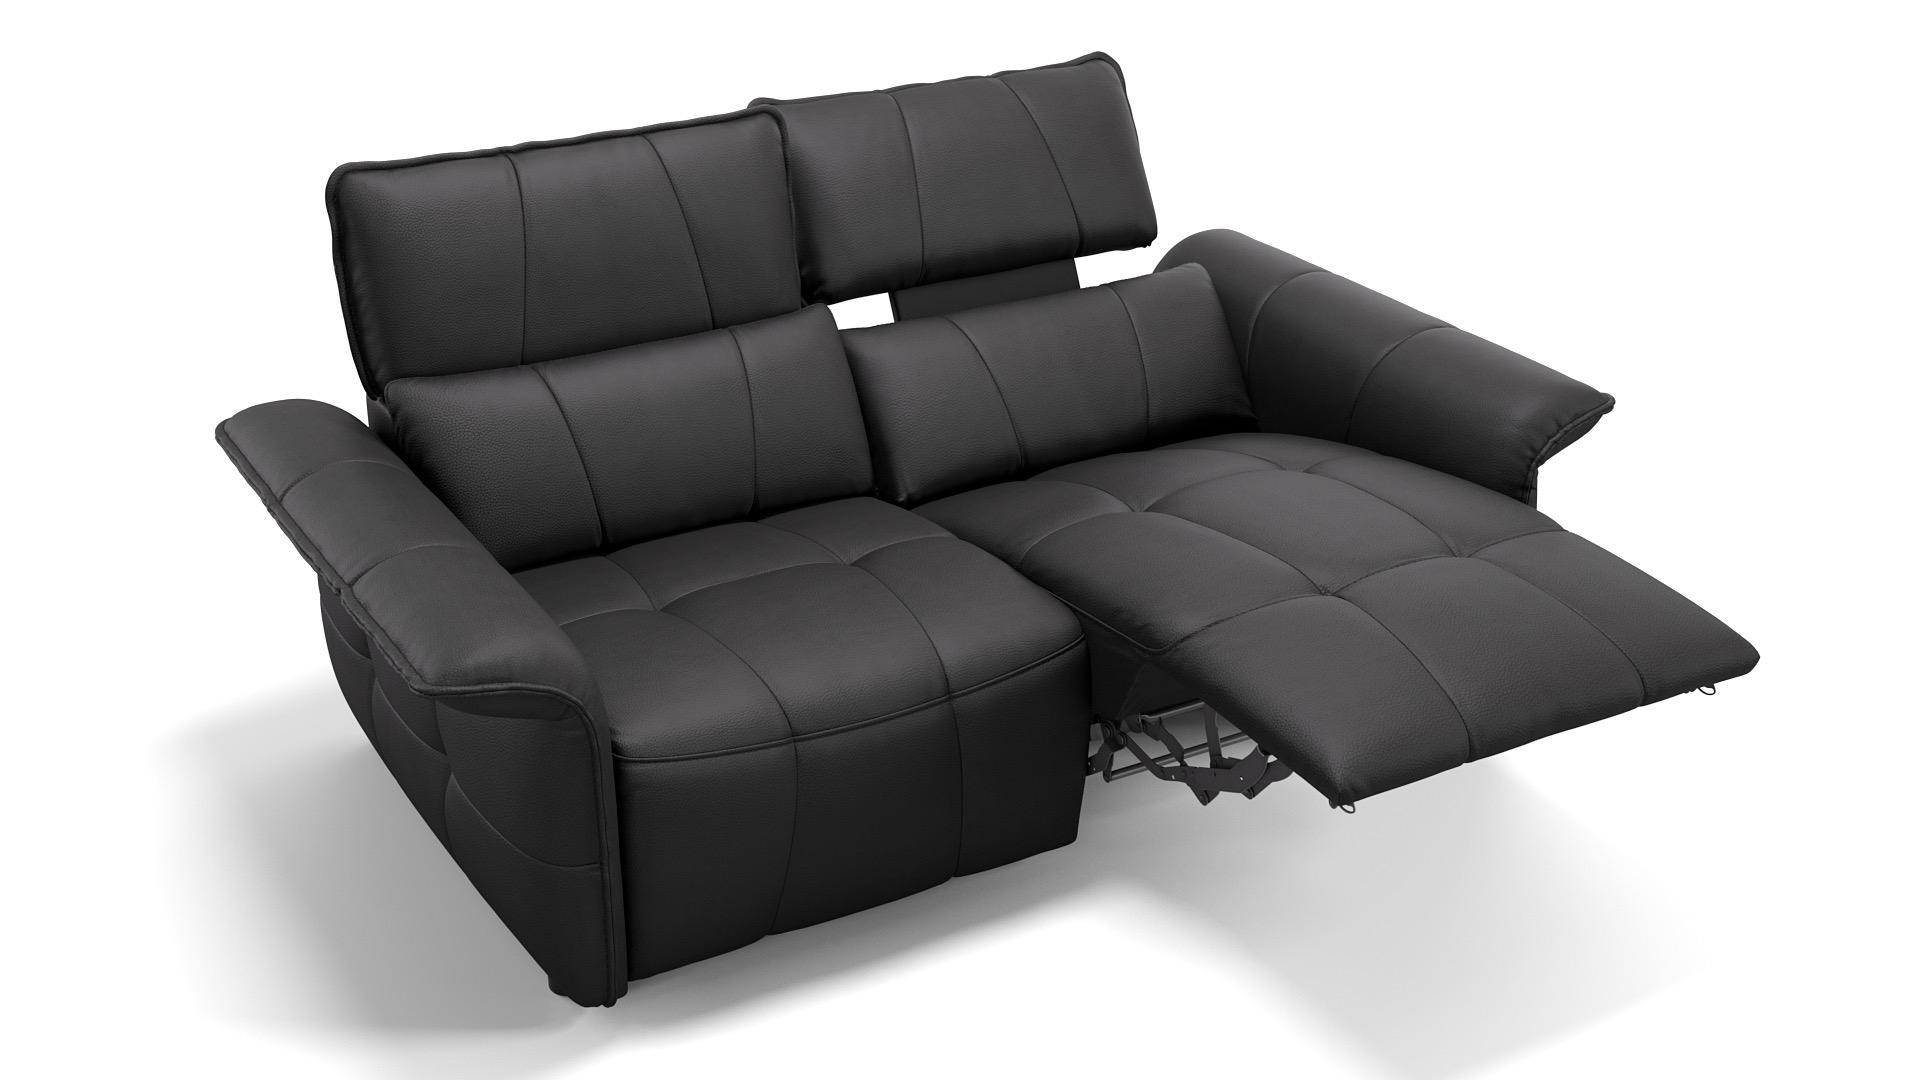 Leder 2-Sitzer ADRIA